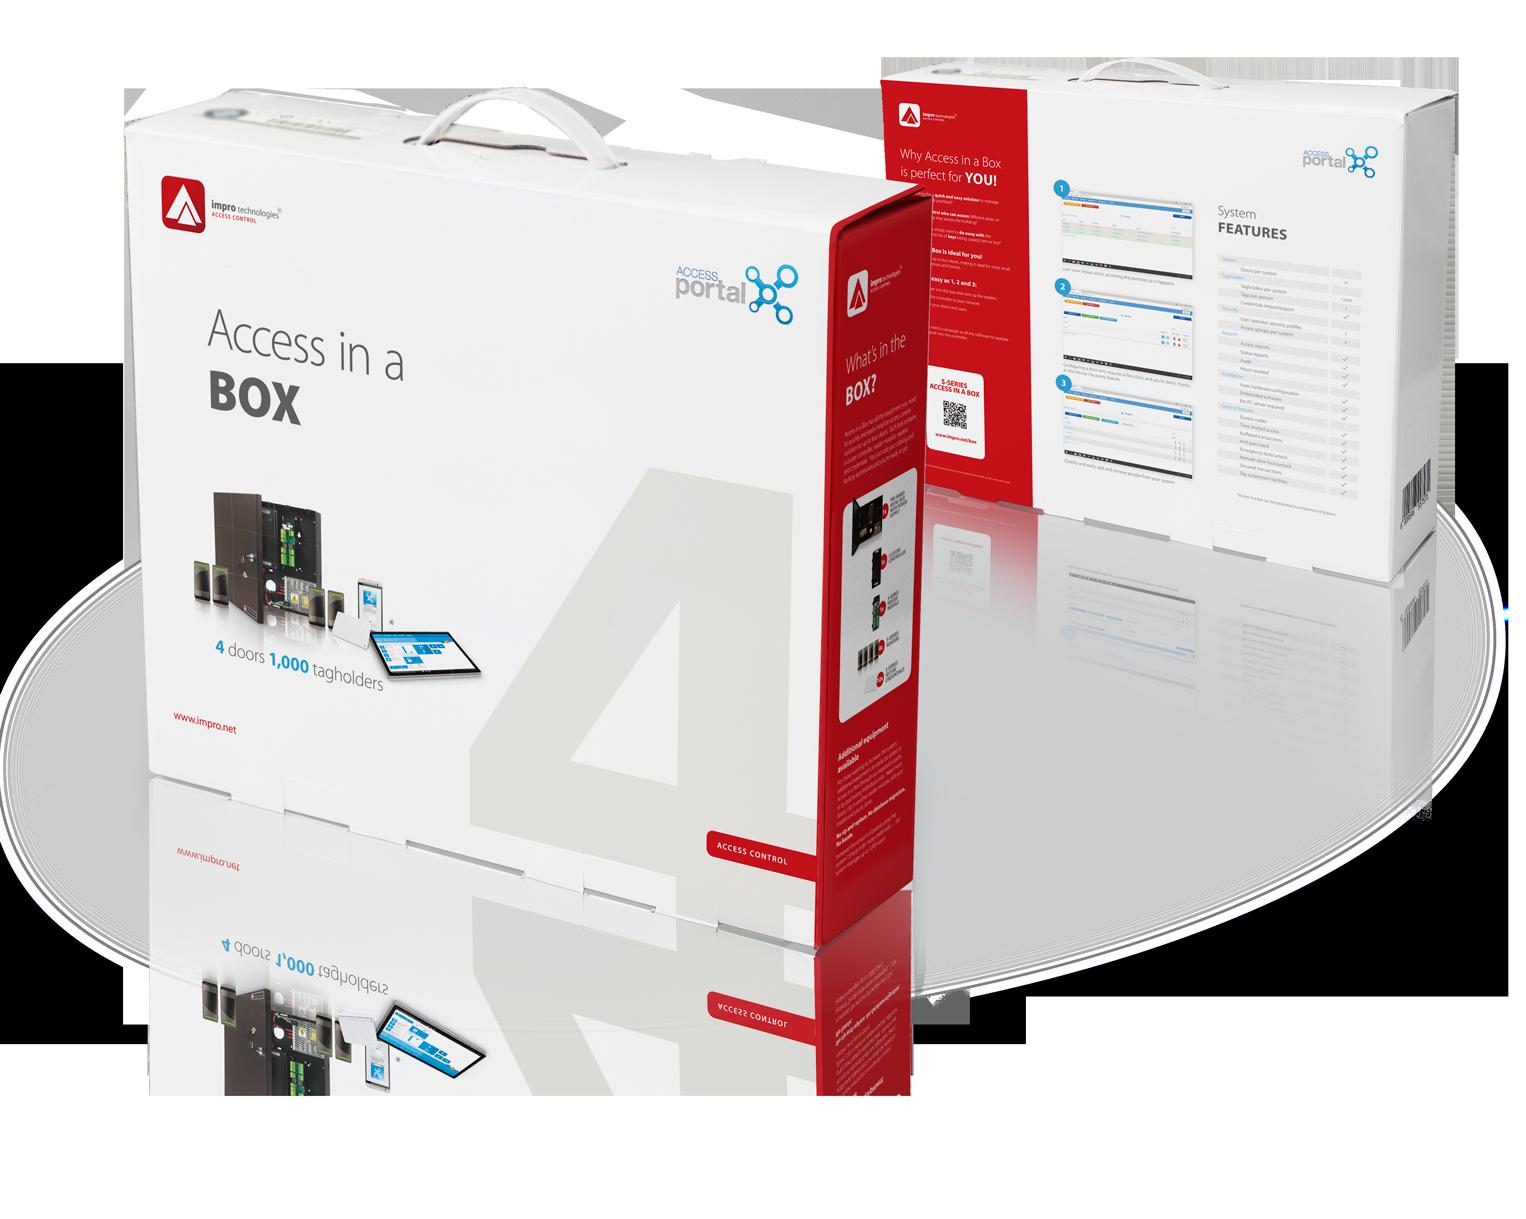 aph_accessinabox_portals_box-mockup-2018-v9-final